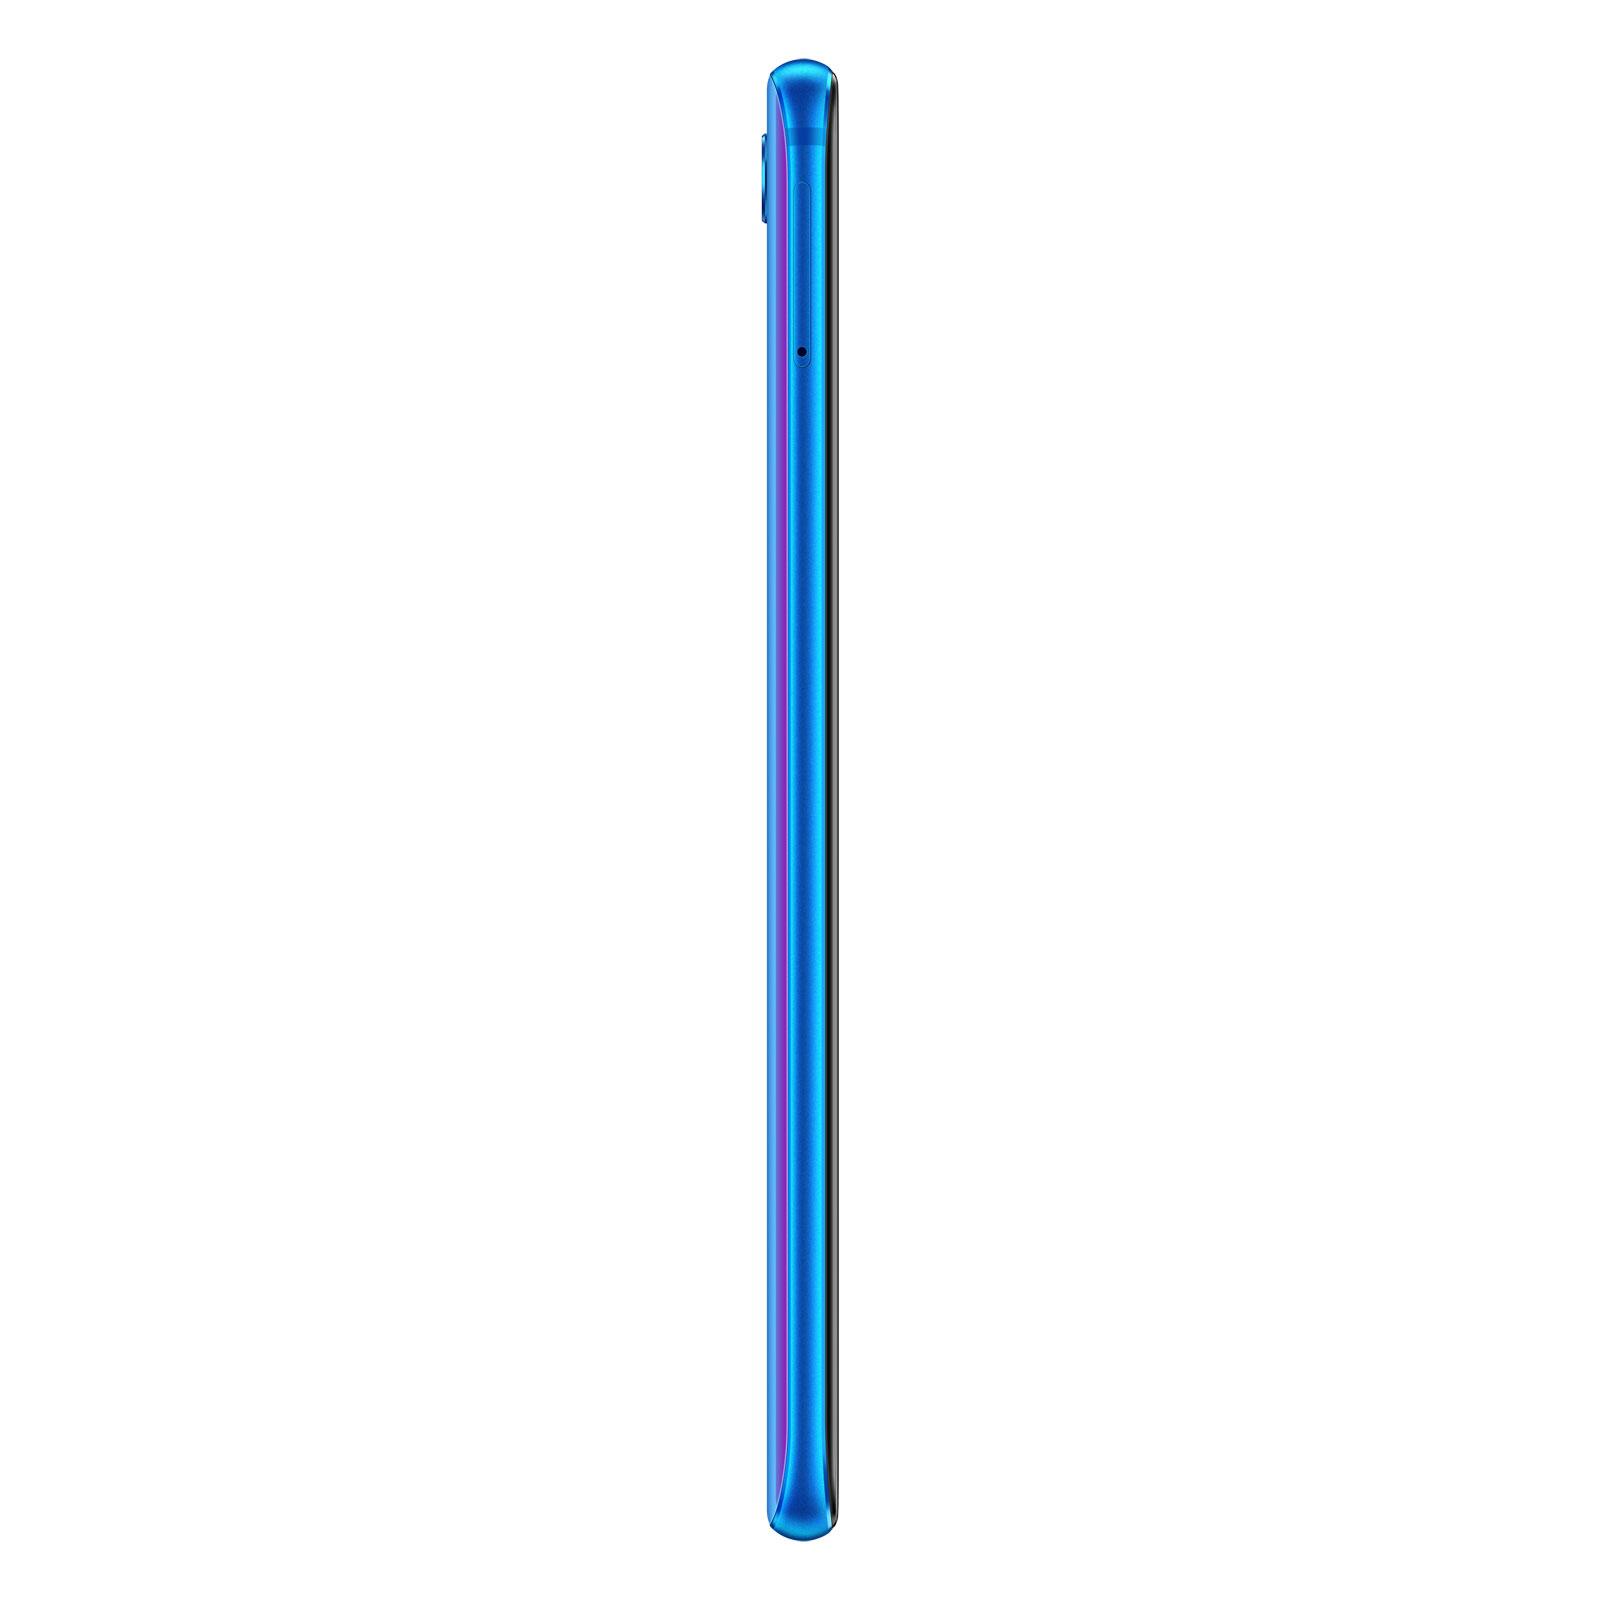 Honor 10 Bleu 64Go Double Sim (51092LRG) - Achat / Vente Téléphonie sur Picata.fr - 2